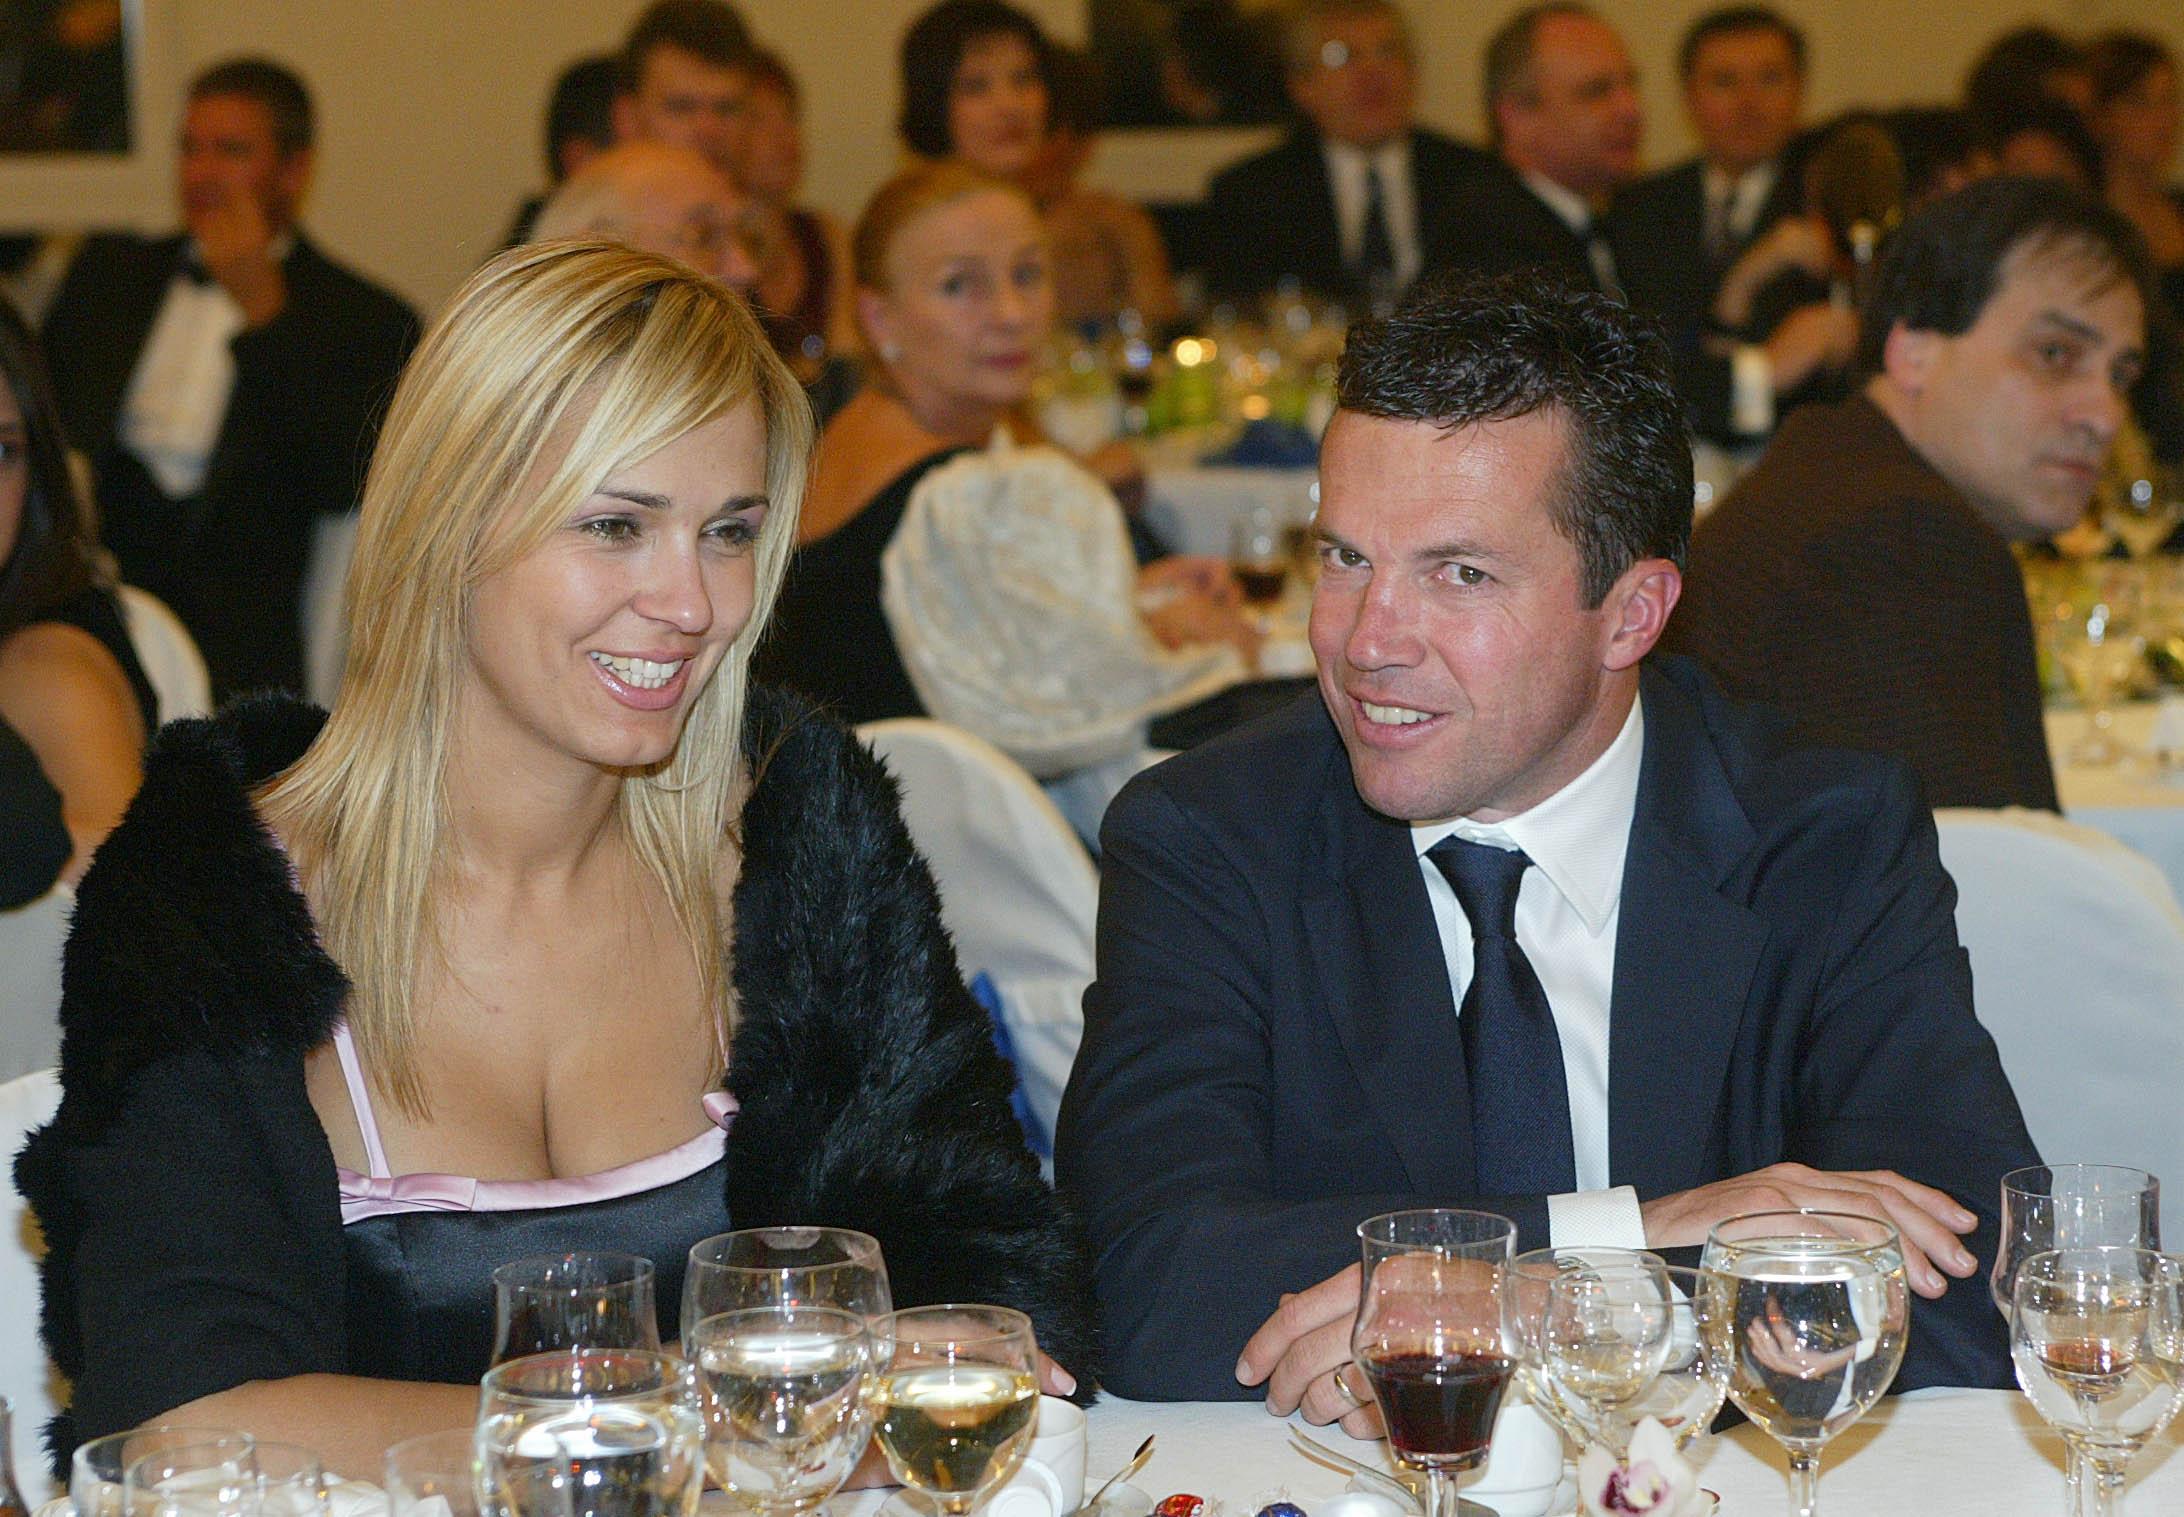 Matthäus és Marijana Kosztics a 2004-es budapesti Újságíróbálon